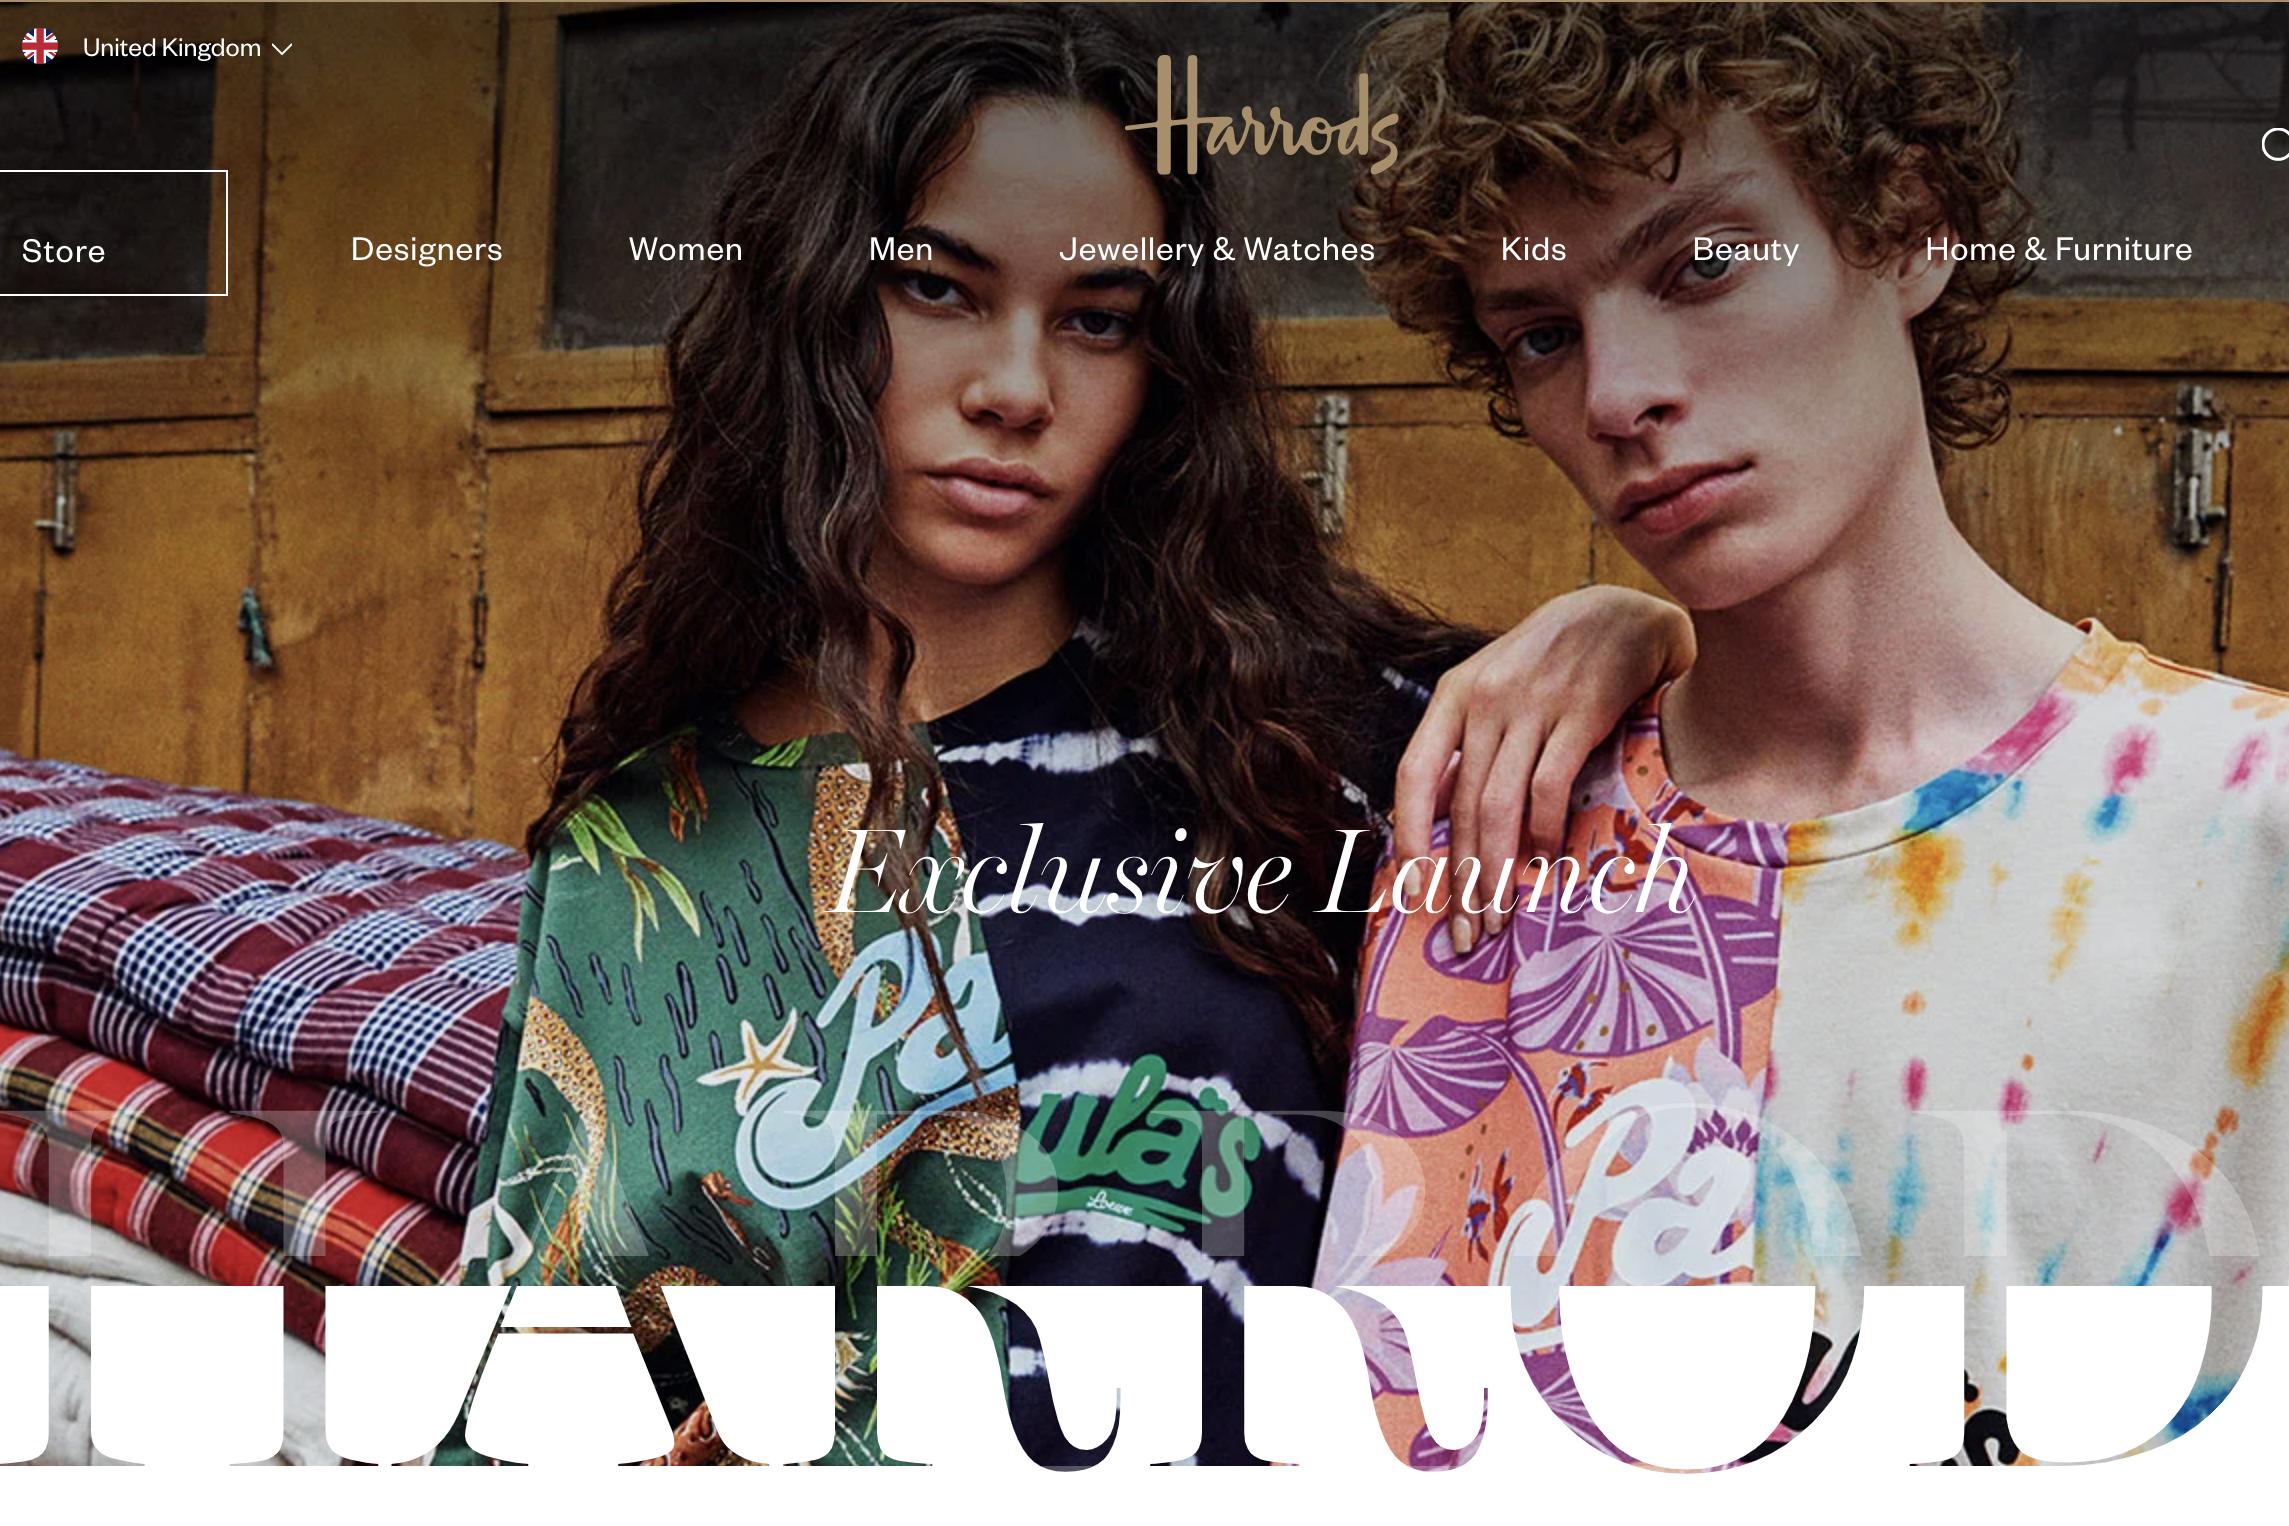 英国奢侈品百货 Harrods 为VIP 客户提供一对一远程购物服务